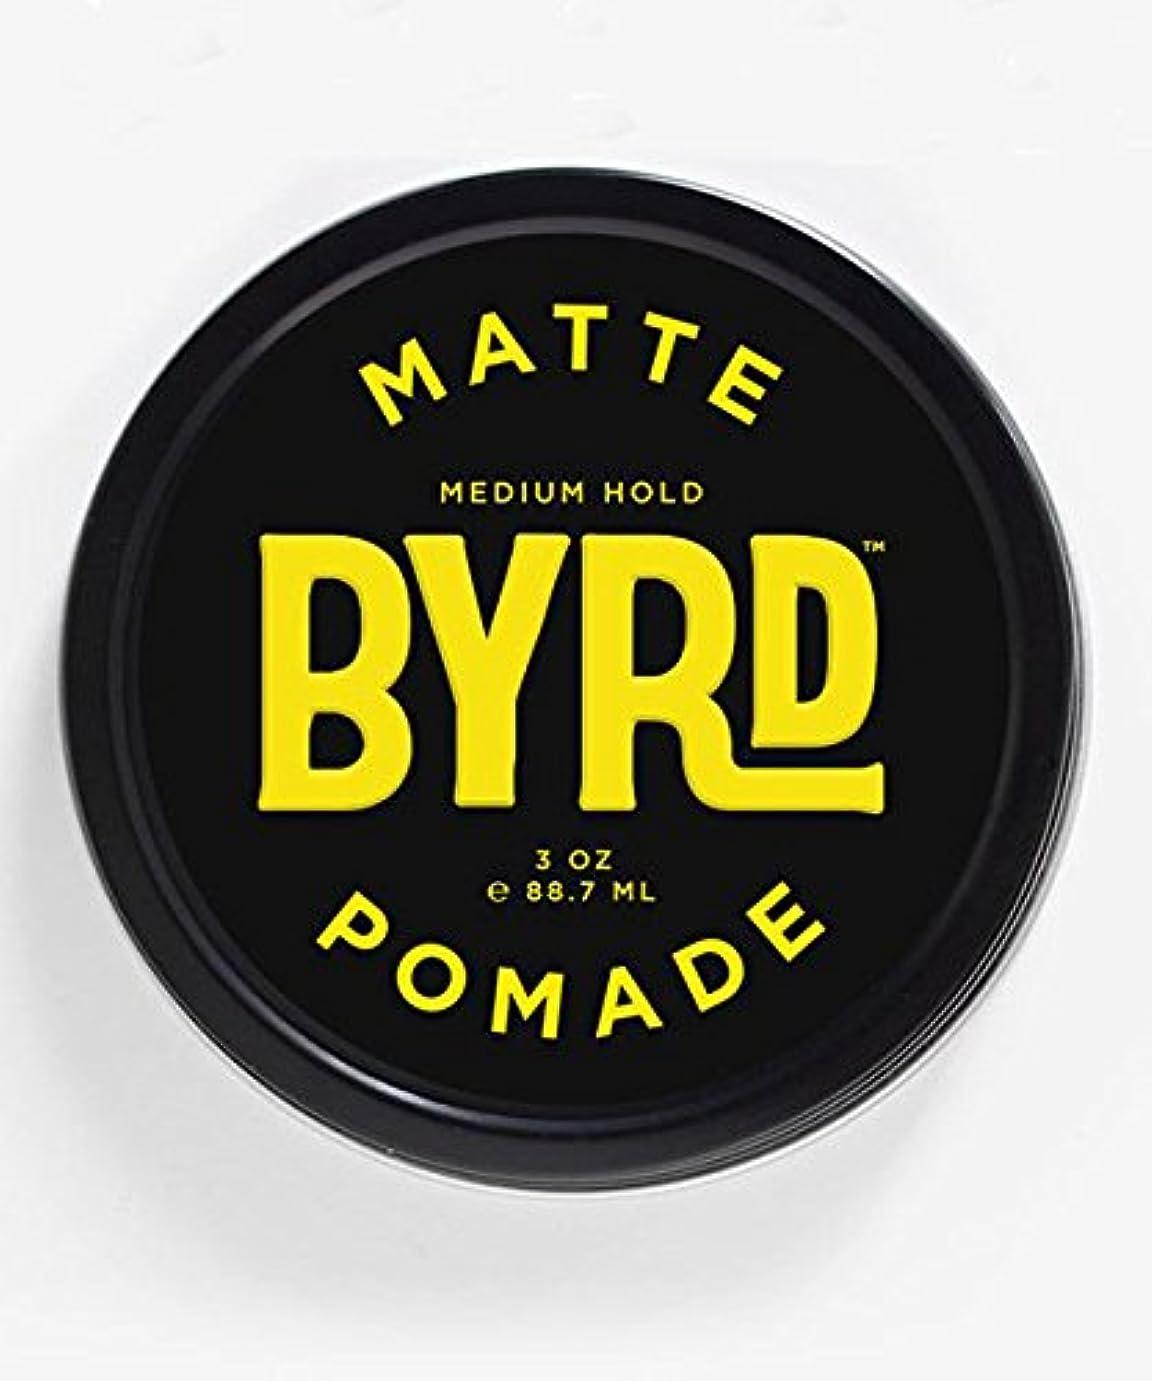 出します愚か商品BYRD(バード) マットポマード 85g